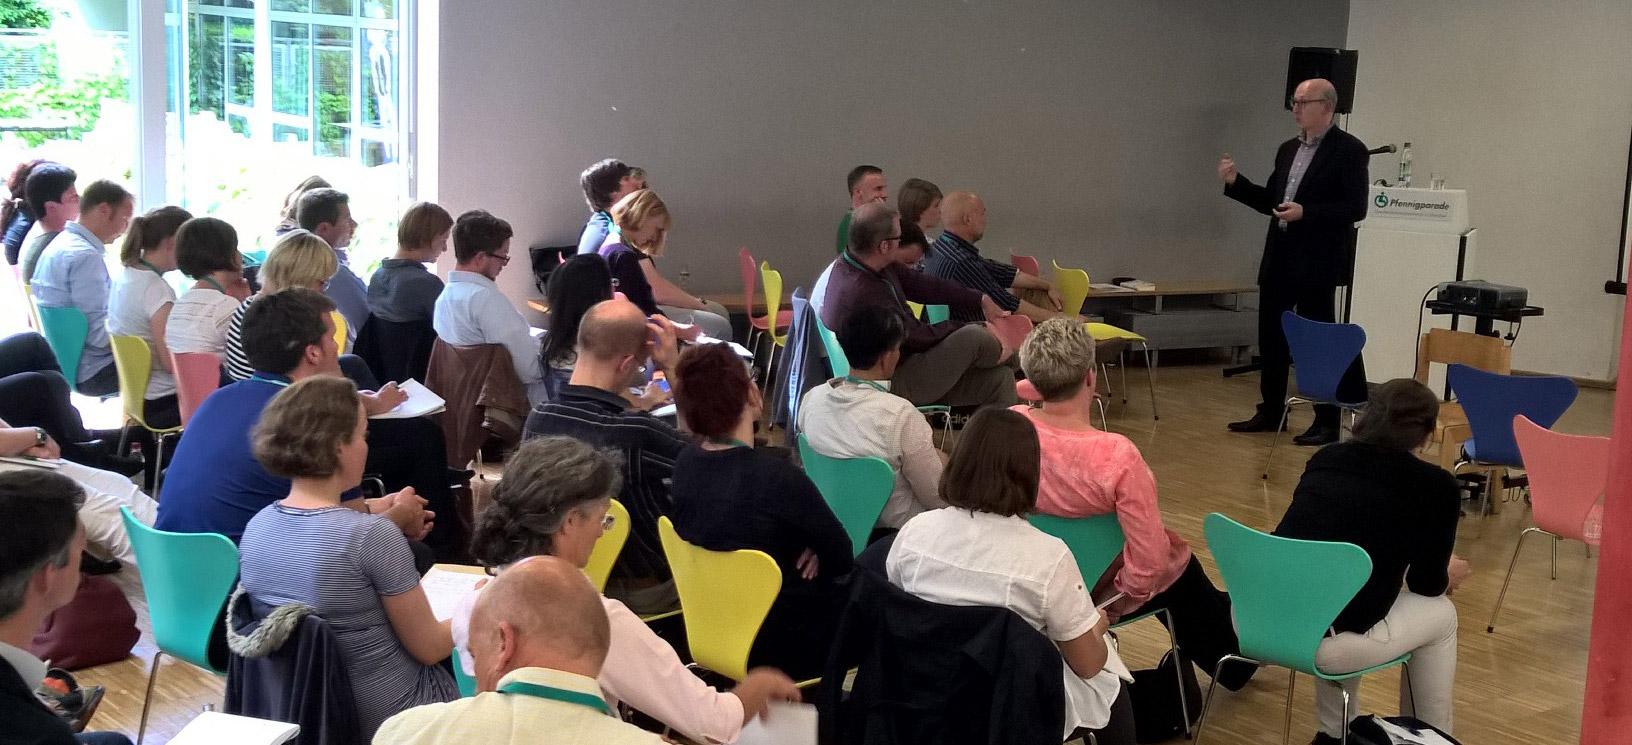 Jahrestreffen: Teilnehmer hören dem Referenten zu